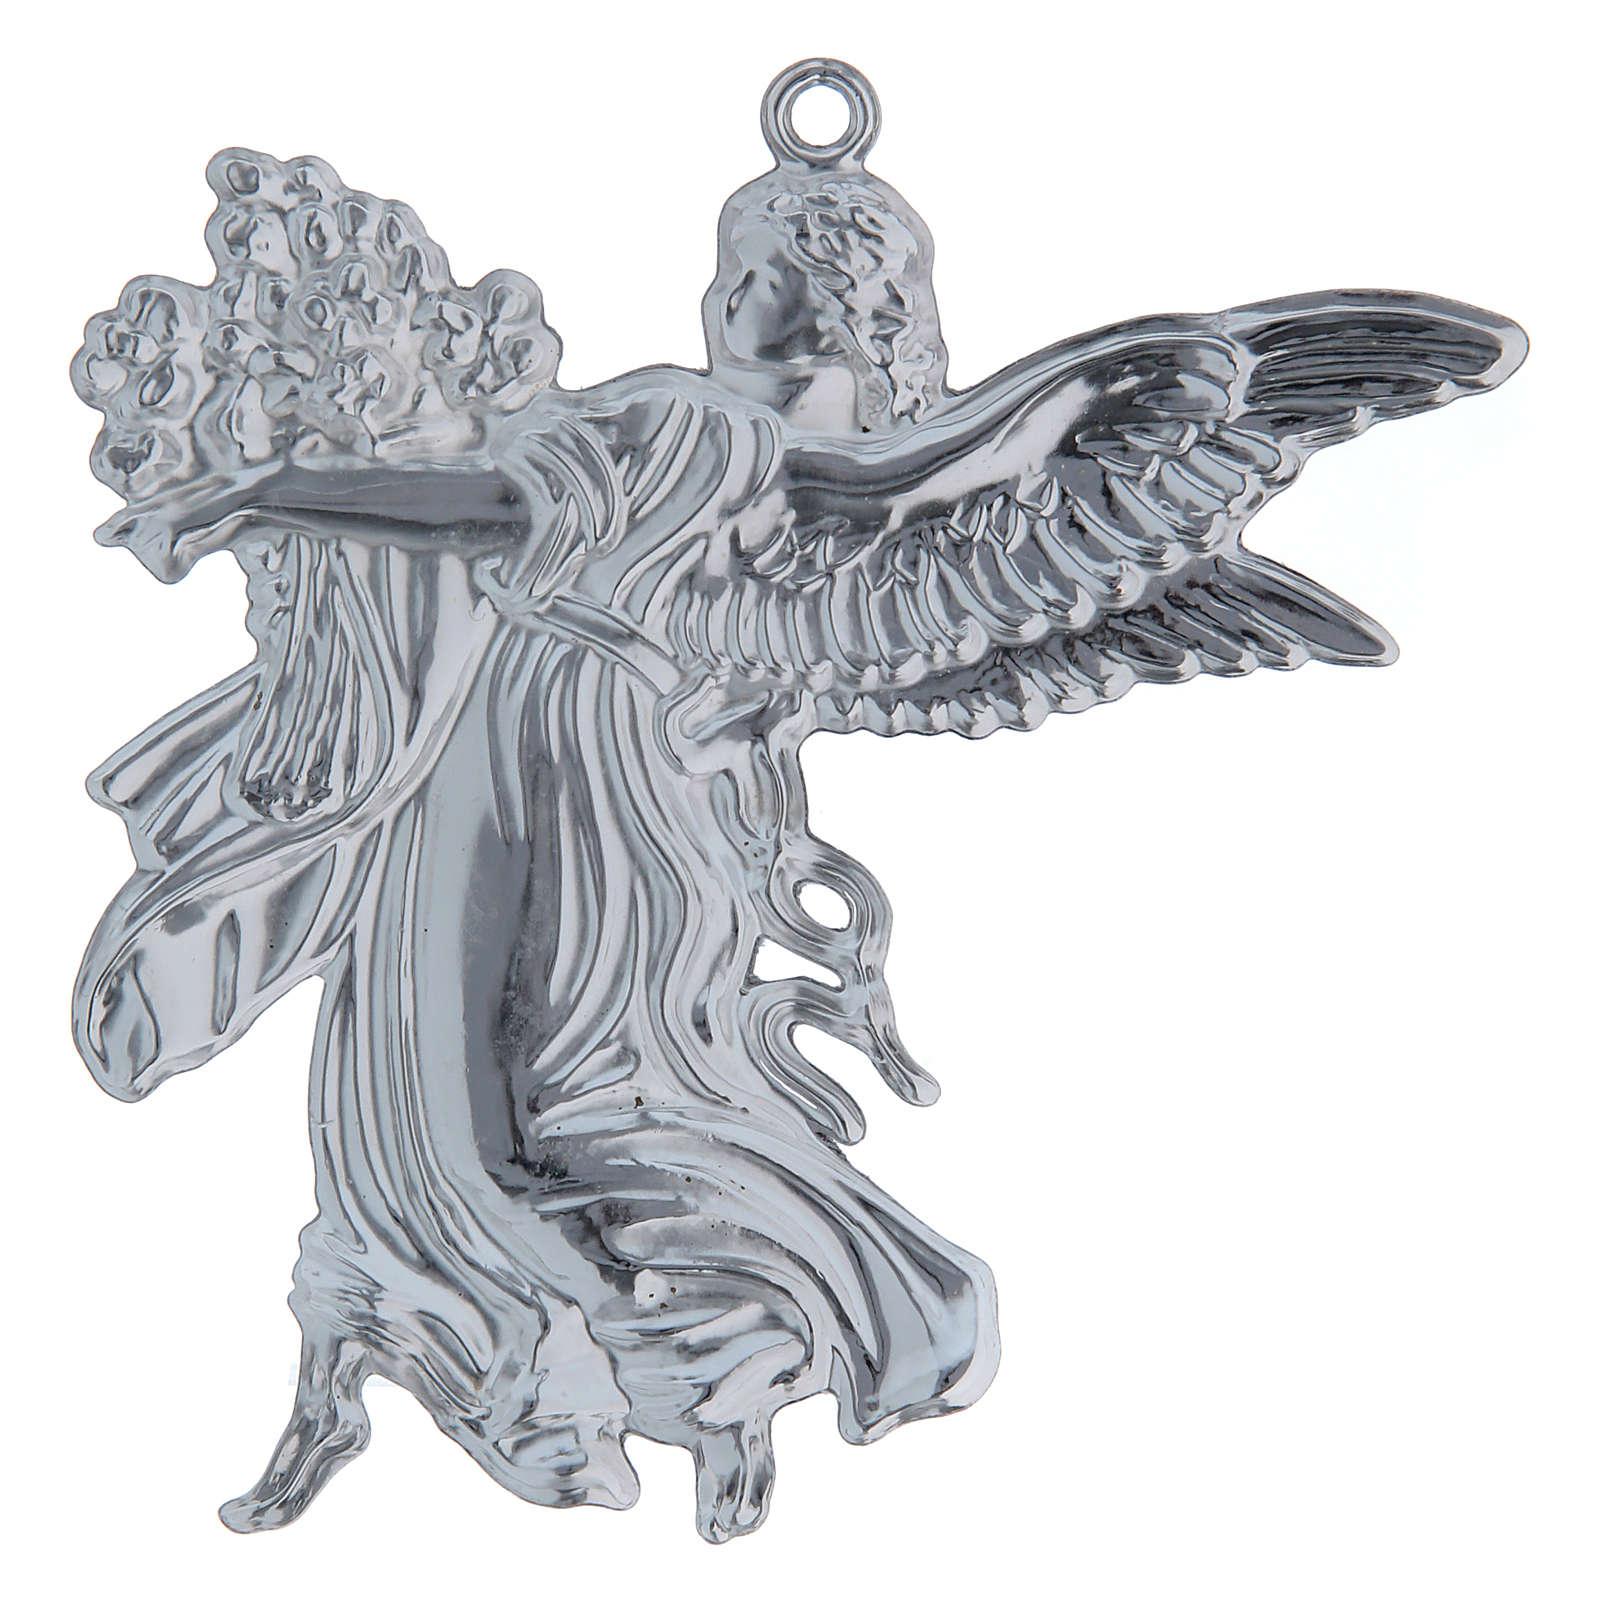 STOCK Angelo votivo con fiori in metallo cm h. 11 3